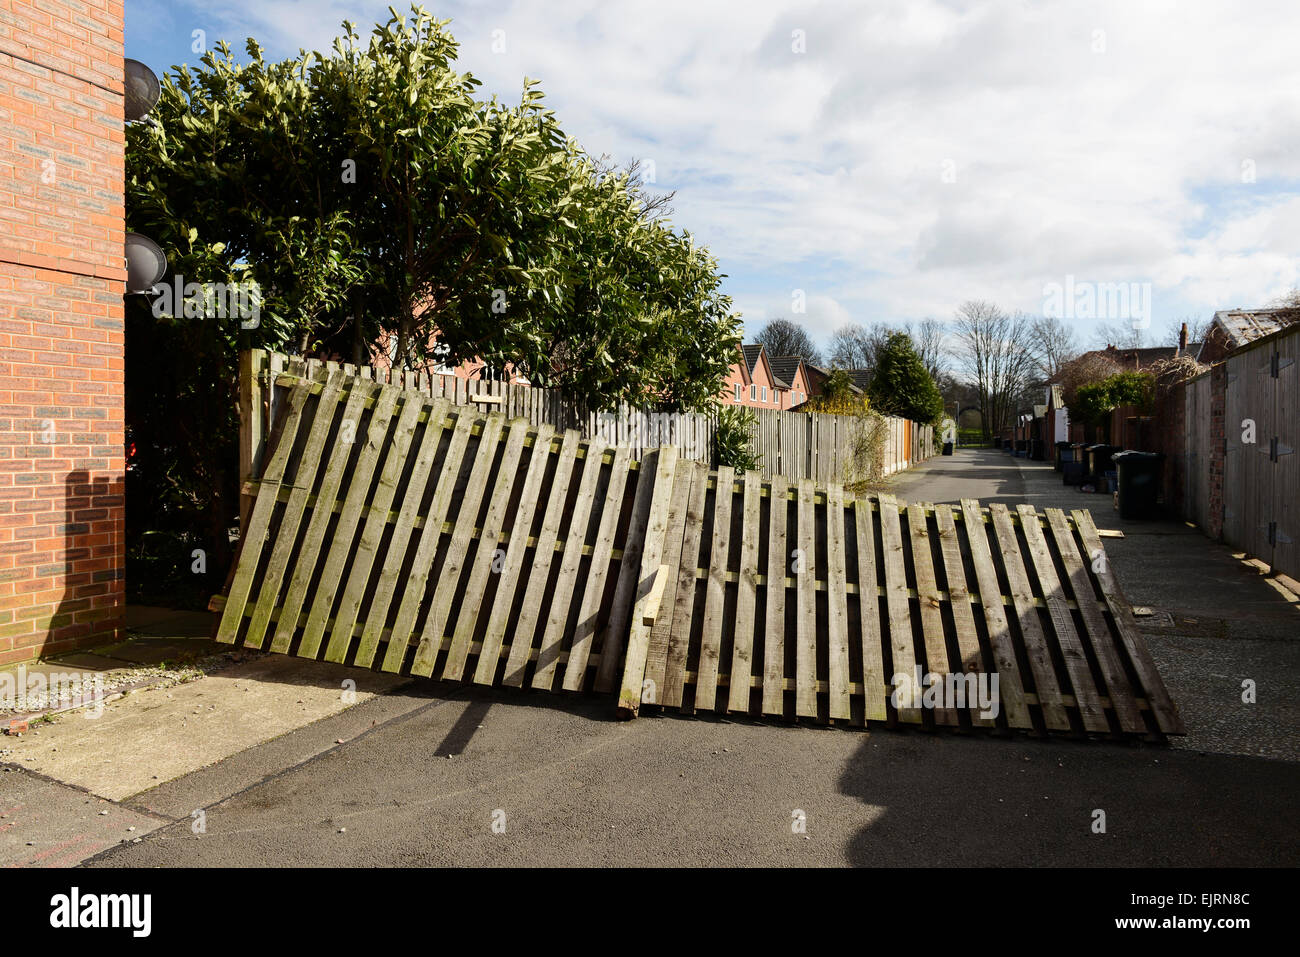 Chester, Cheshire, Reino Unido. El 31 de marzo, 2015. El clima del REINO UNIDO: vientos muy fuertes, han dañado Imagen De Stock